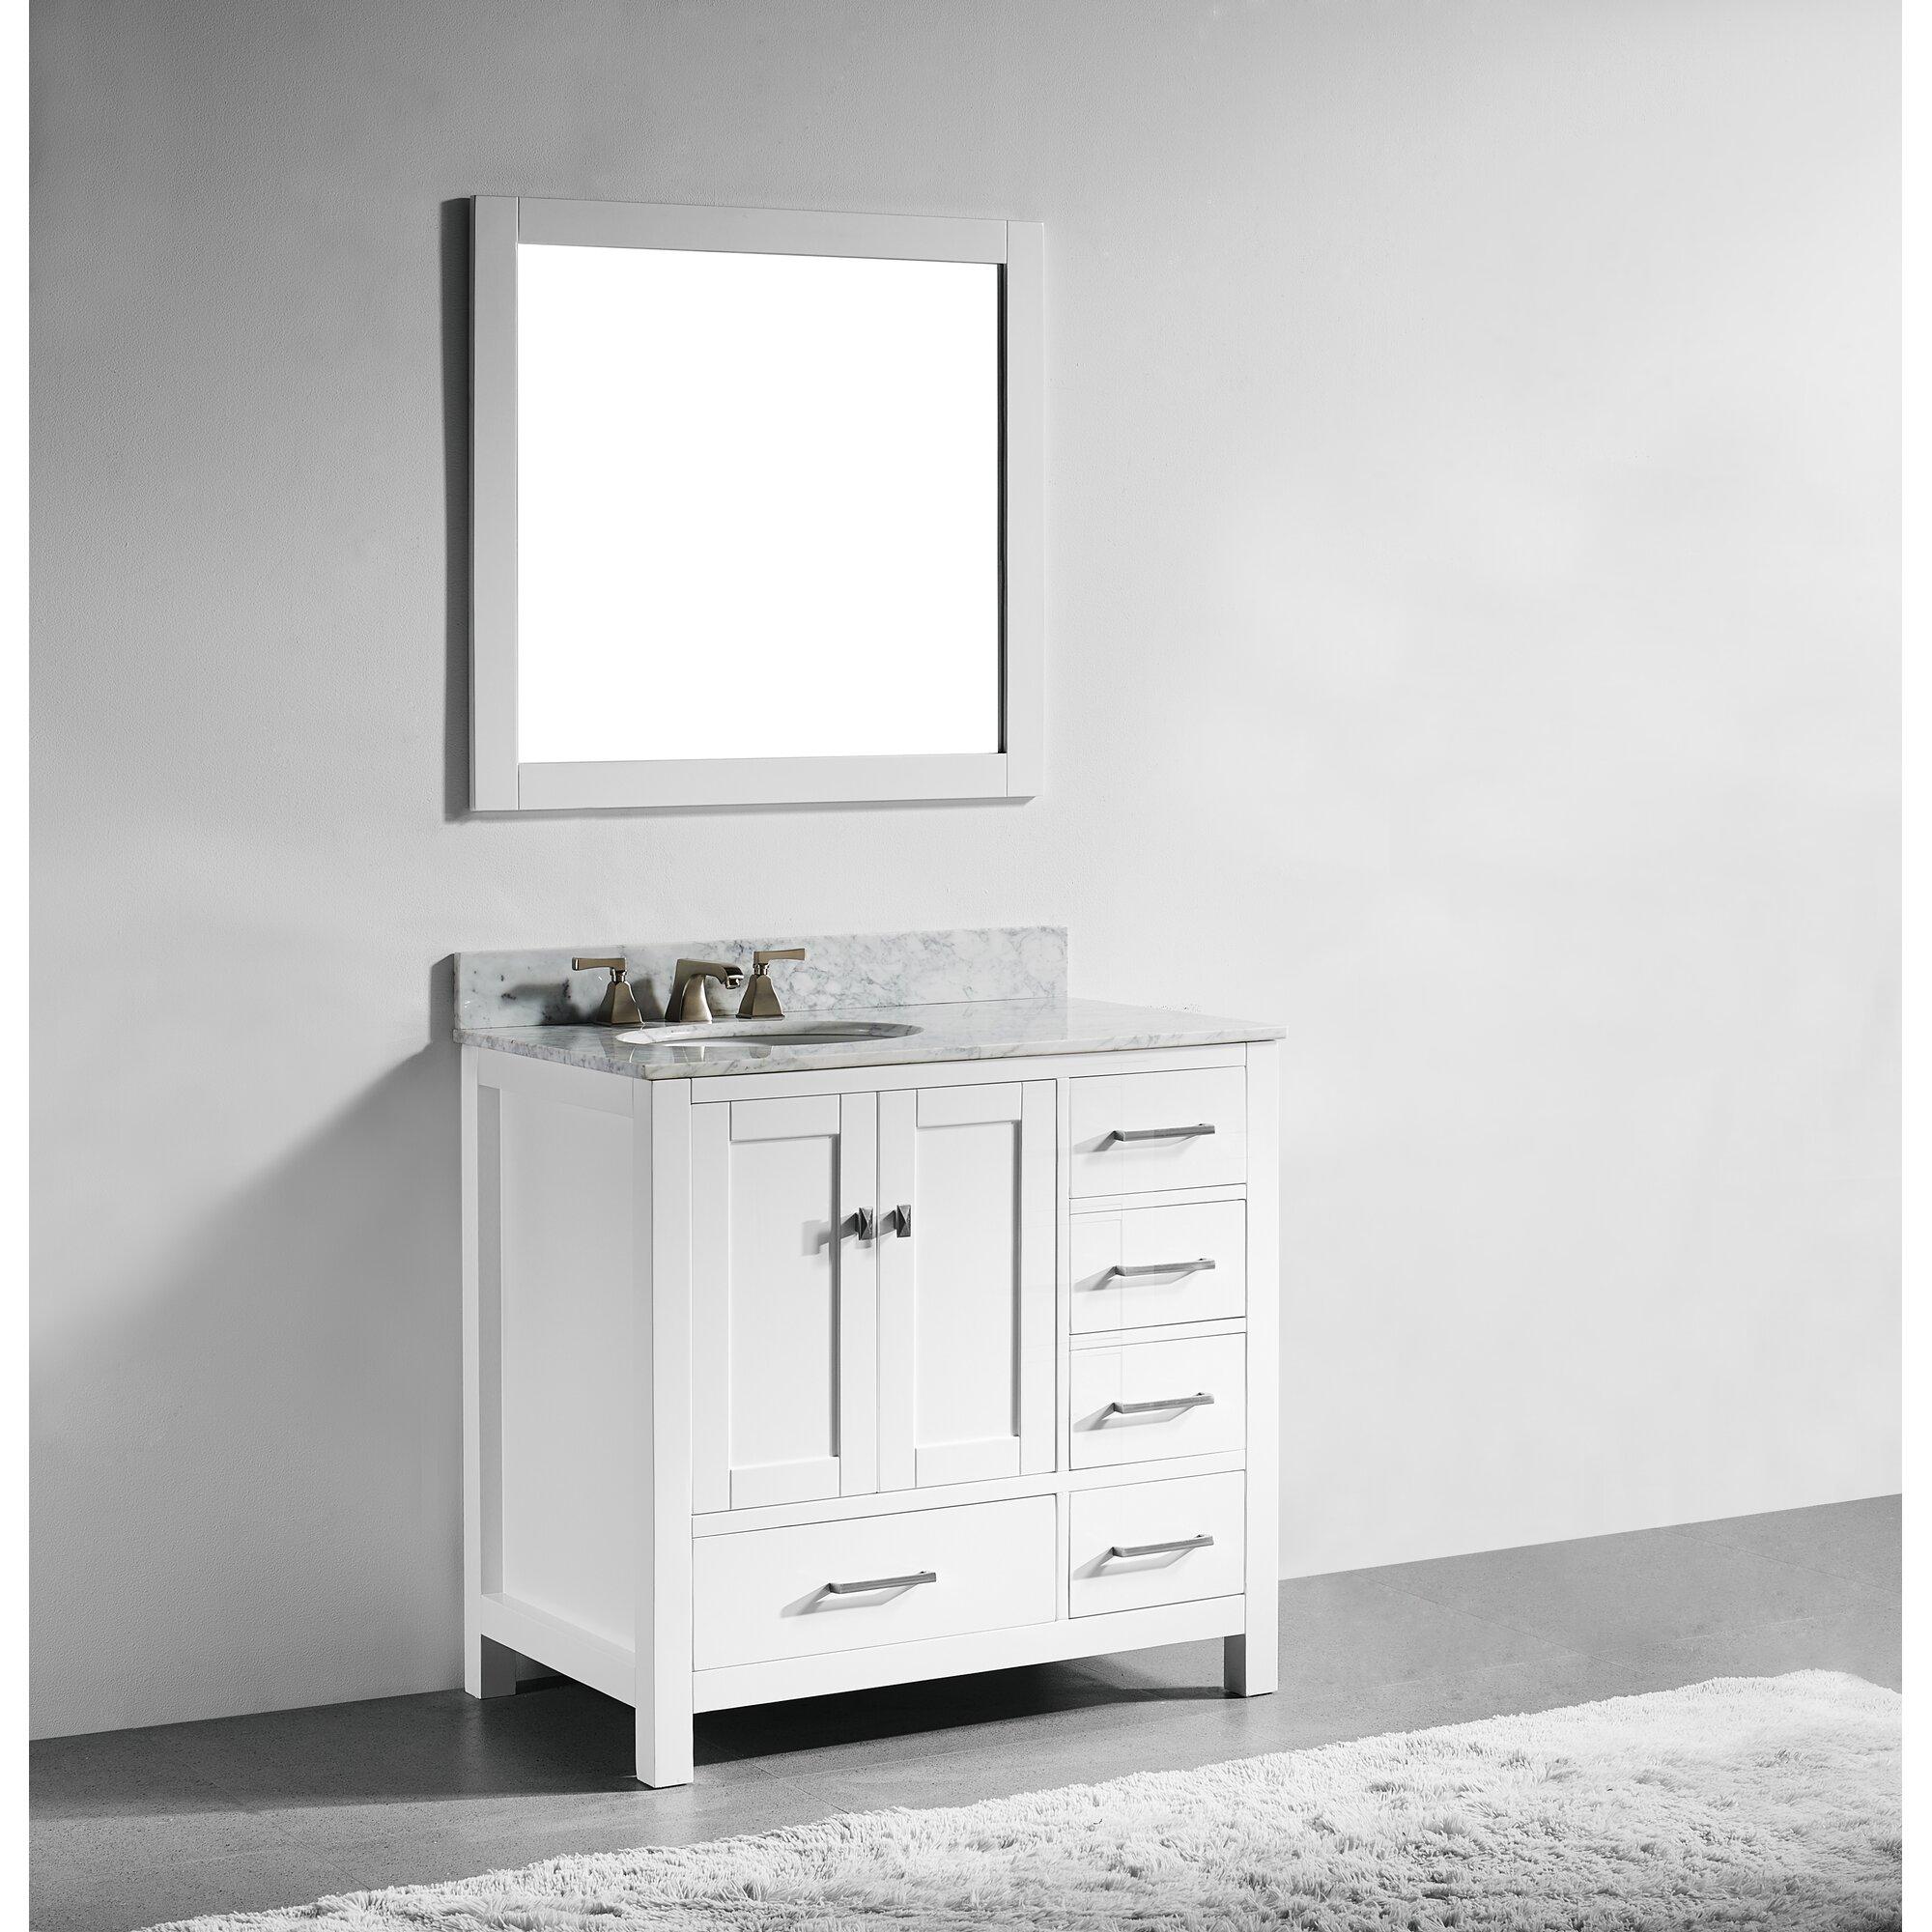 Innoci san clemente 36 single vanity set wayfair for Bathroom vanities in san diego